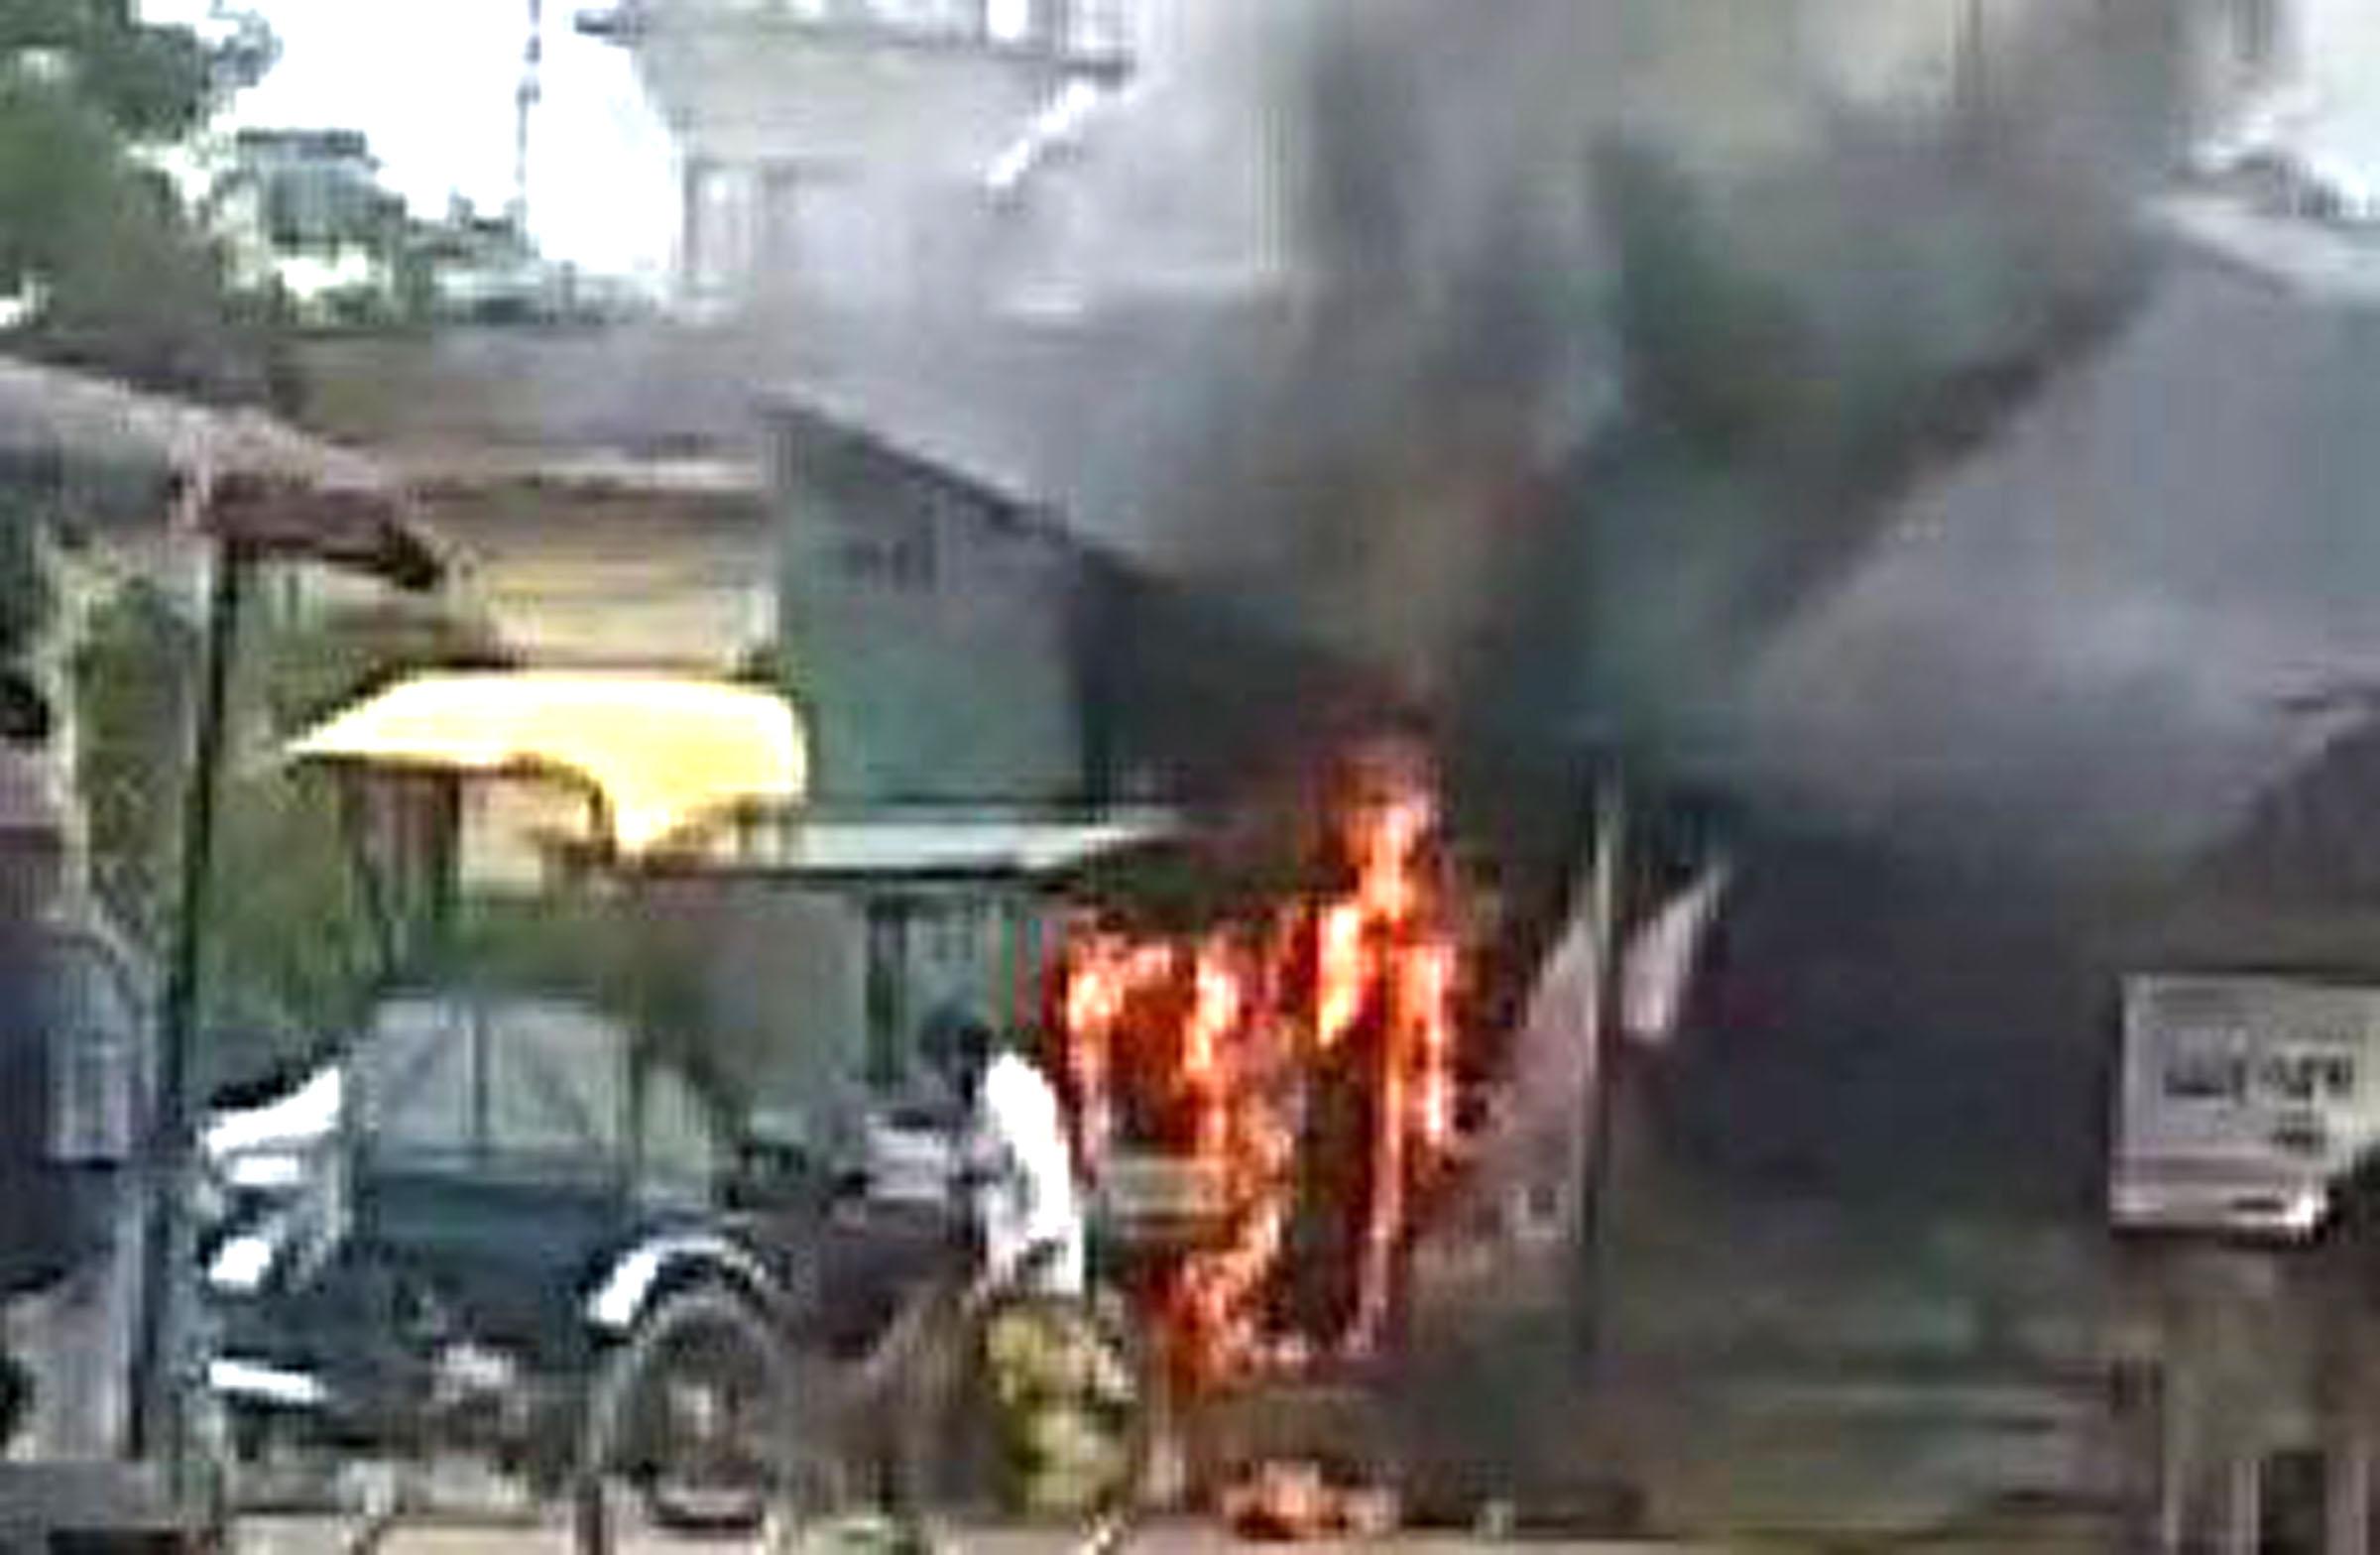 ढाबा में लगी आग से हजारों का सामान जलकर नष्ट | #TEJASTODAY चंदन अग्रहरि शाहगंज, जौनपुर (सं.) 20 सितम्बर। नगर के आजमगढ़ मार्ग स्थित नई सब्जी मंडी के बाहर एक ढाबा में रविवार की सुबह गैस के रिसाव के चलते आग लग गई। जिसमें हजारों का सामान जलकर नष्ट हो गया। गैस एजेंसी कर्मचारियों द्वारा आग पर किसी तरह काबू पाया जा सका। कृषि उत्पादन मंडी समिति (नई सब्जी मंडी) गेट पर स्थित इण्डियन ढाबा की रसोई में खाना बनाने के दौरान प्रातः 10 बजे आग लग गया। देखते ही देखते आग ने विकराल रूप धारण कर लिया। आग इतना भयानक रहा कि लगभग आधे घंटे तक दोनों ओर से आवागमन पूरी तरह ठप हो गया। मौके पर कोतवाली पुलिस भी पहुंच गई। सूचना पर पहुंचे गैस एजेंसी कर्मचारियों ने अग्निशमन यंत्र के माध्यम से आग पर काबू पाया।